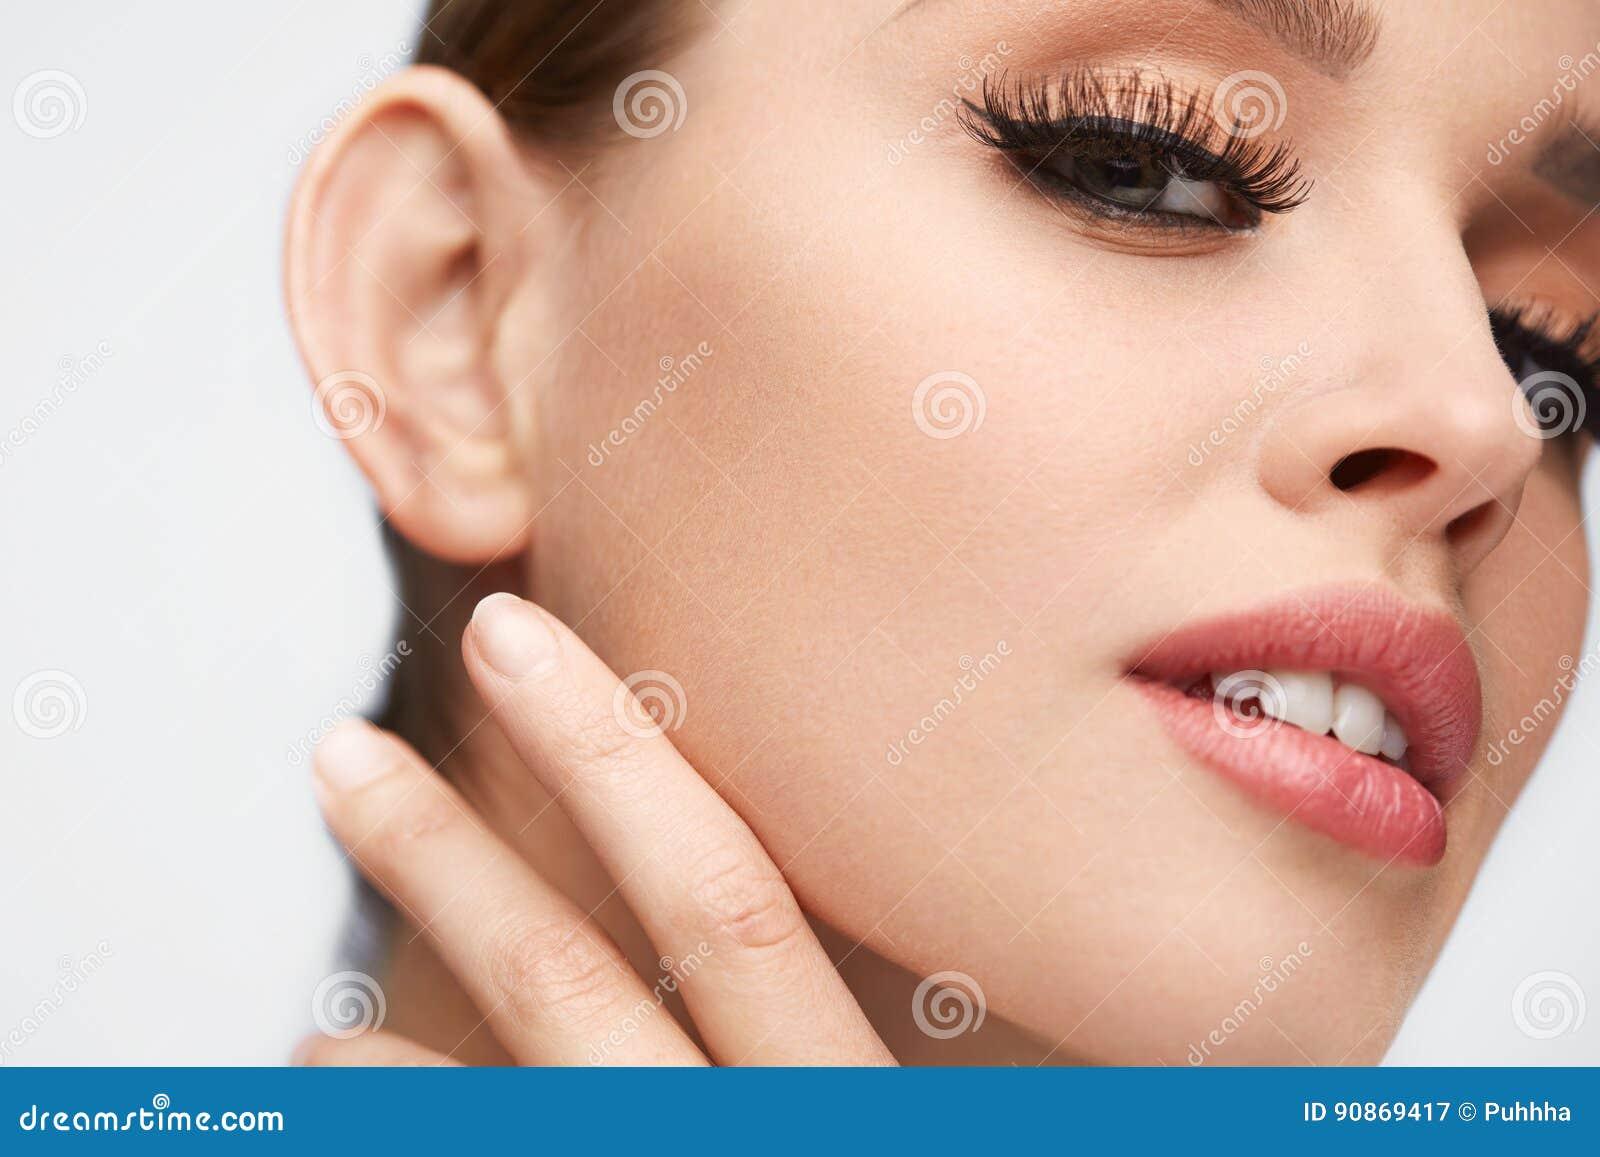 Composição da cara Mulher bonita com pestanas longas, pele macia